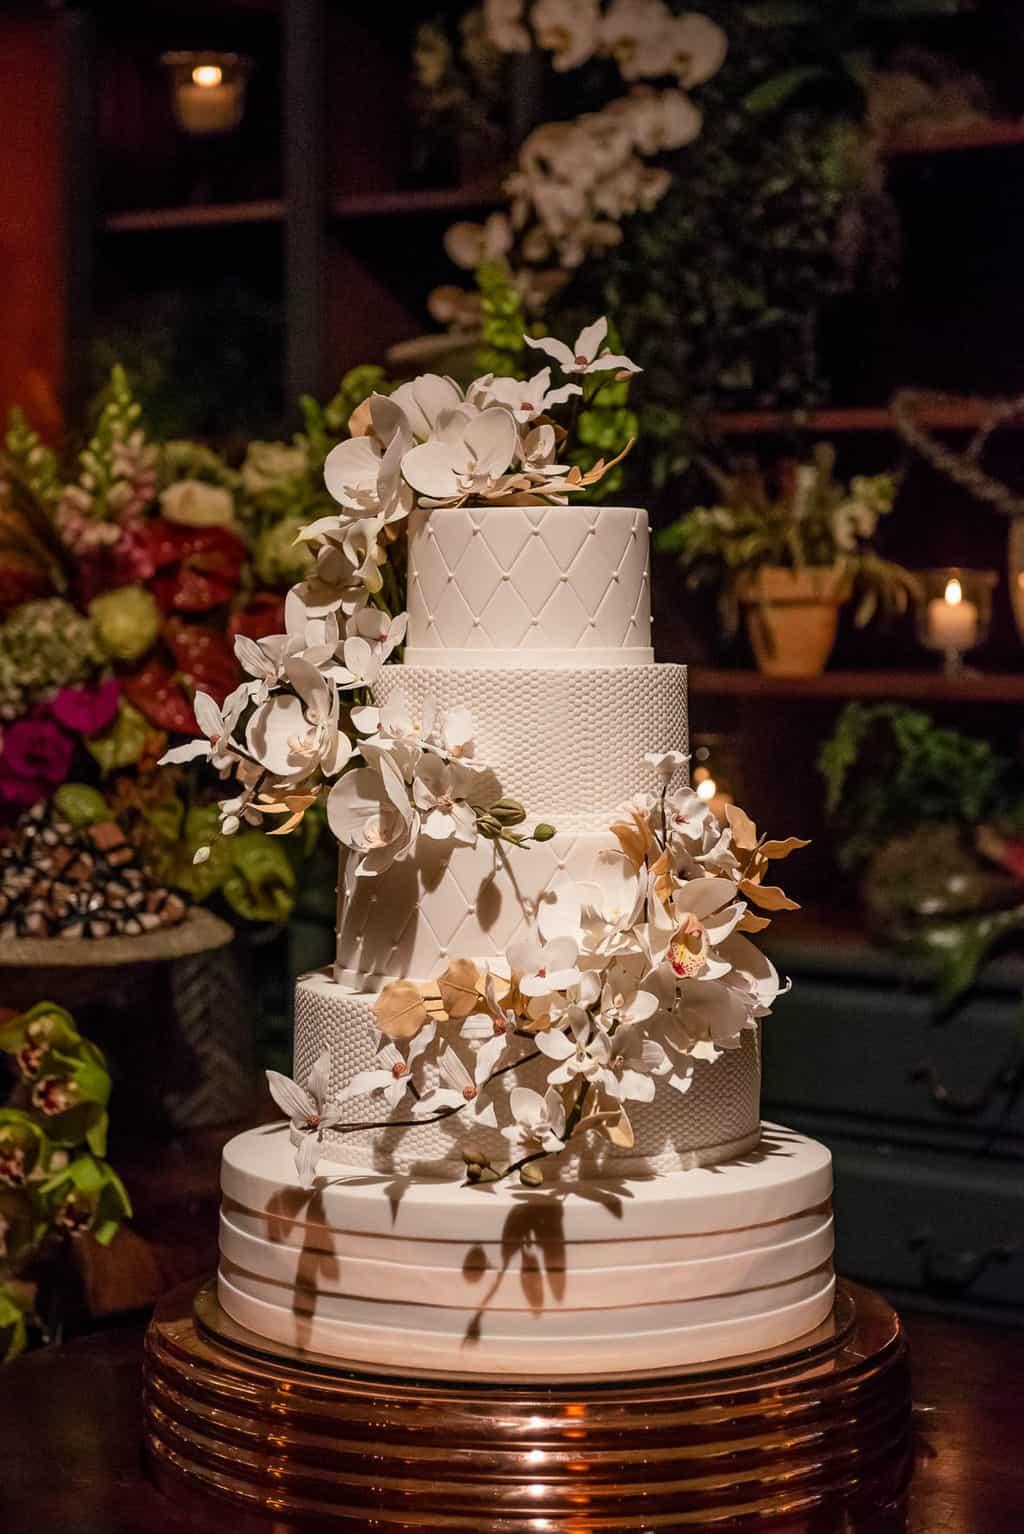 casamento-luiza-e-gustavo-cerimonial-casamento-de-ideias-fotografia-lenine-serejo.-bolo-de-casamento39